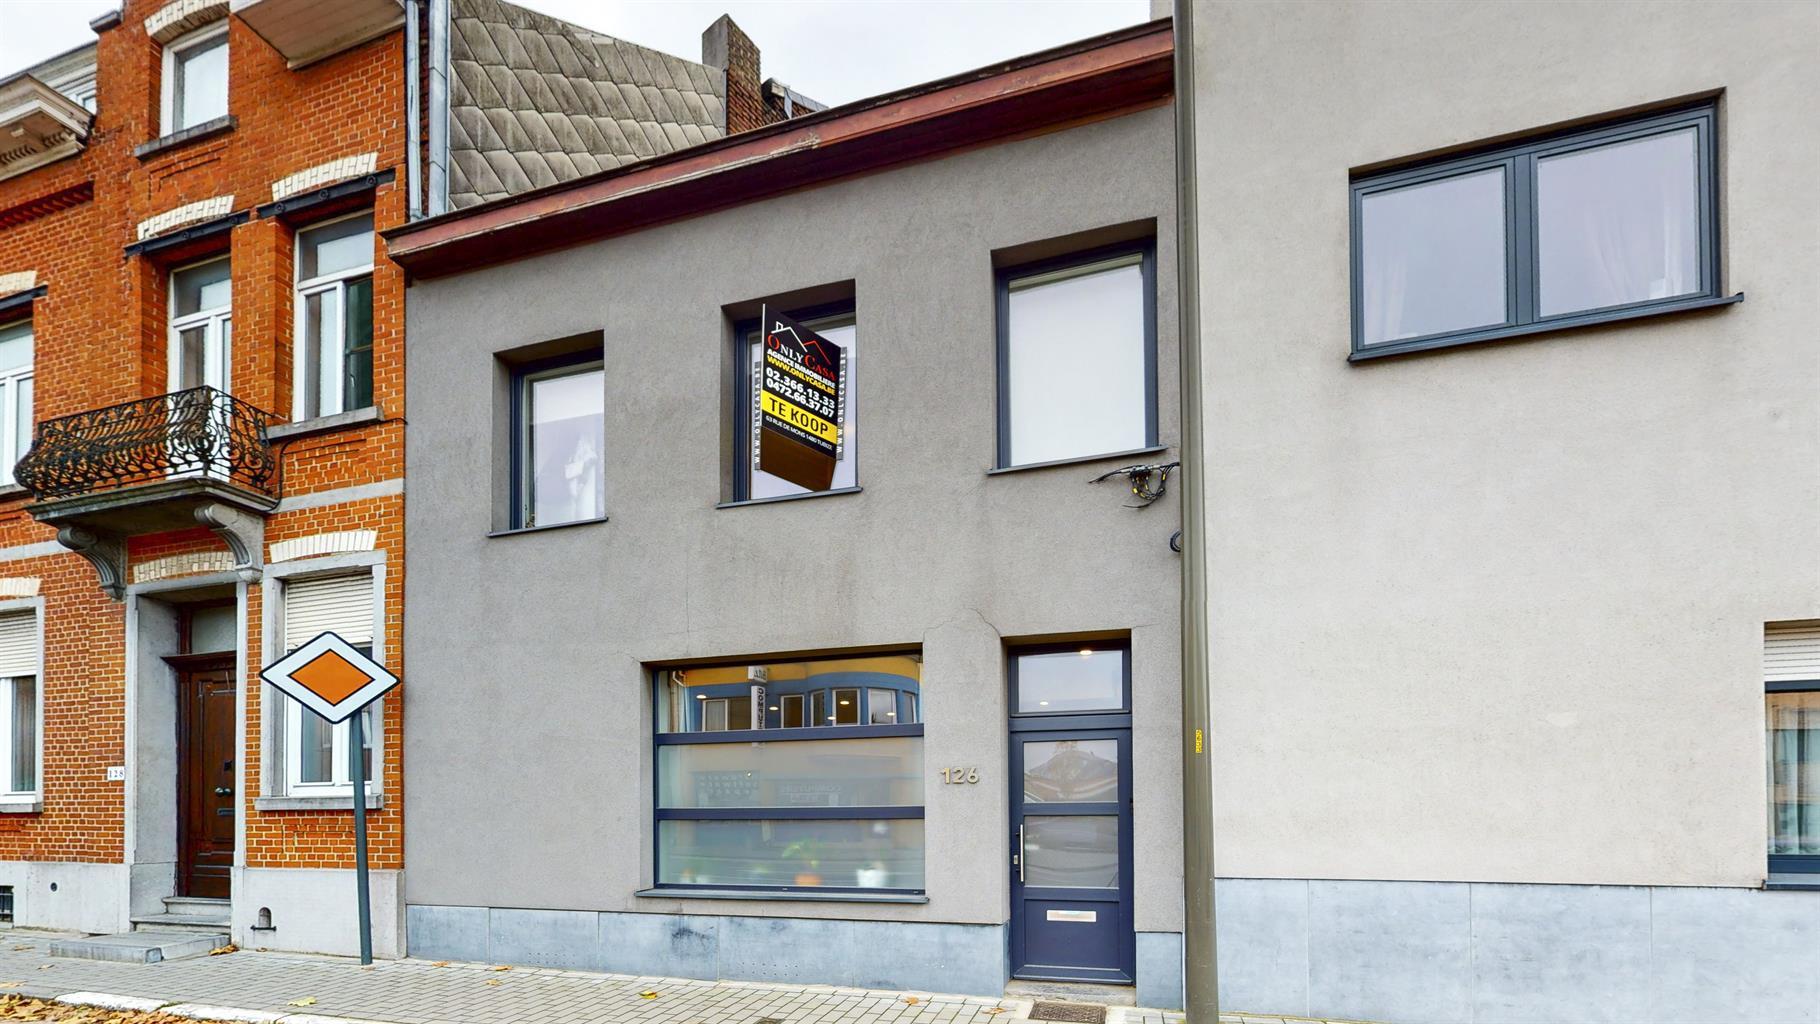 Maison - Halle - #4210951-0